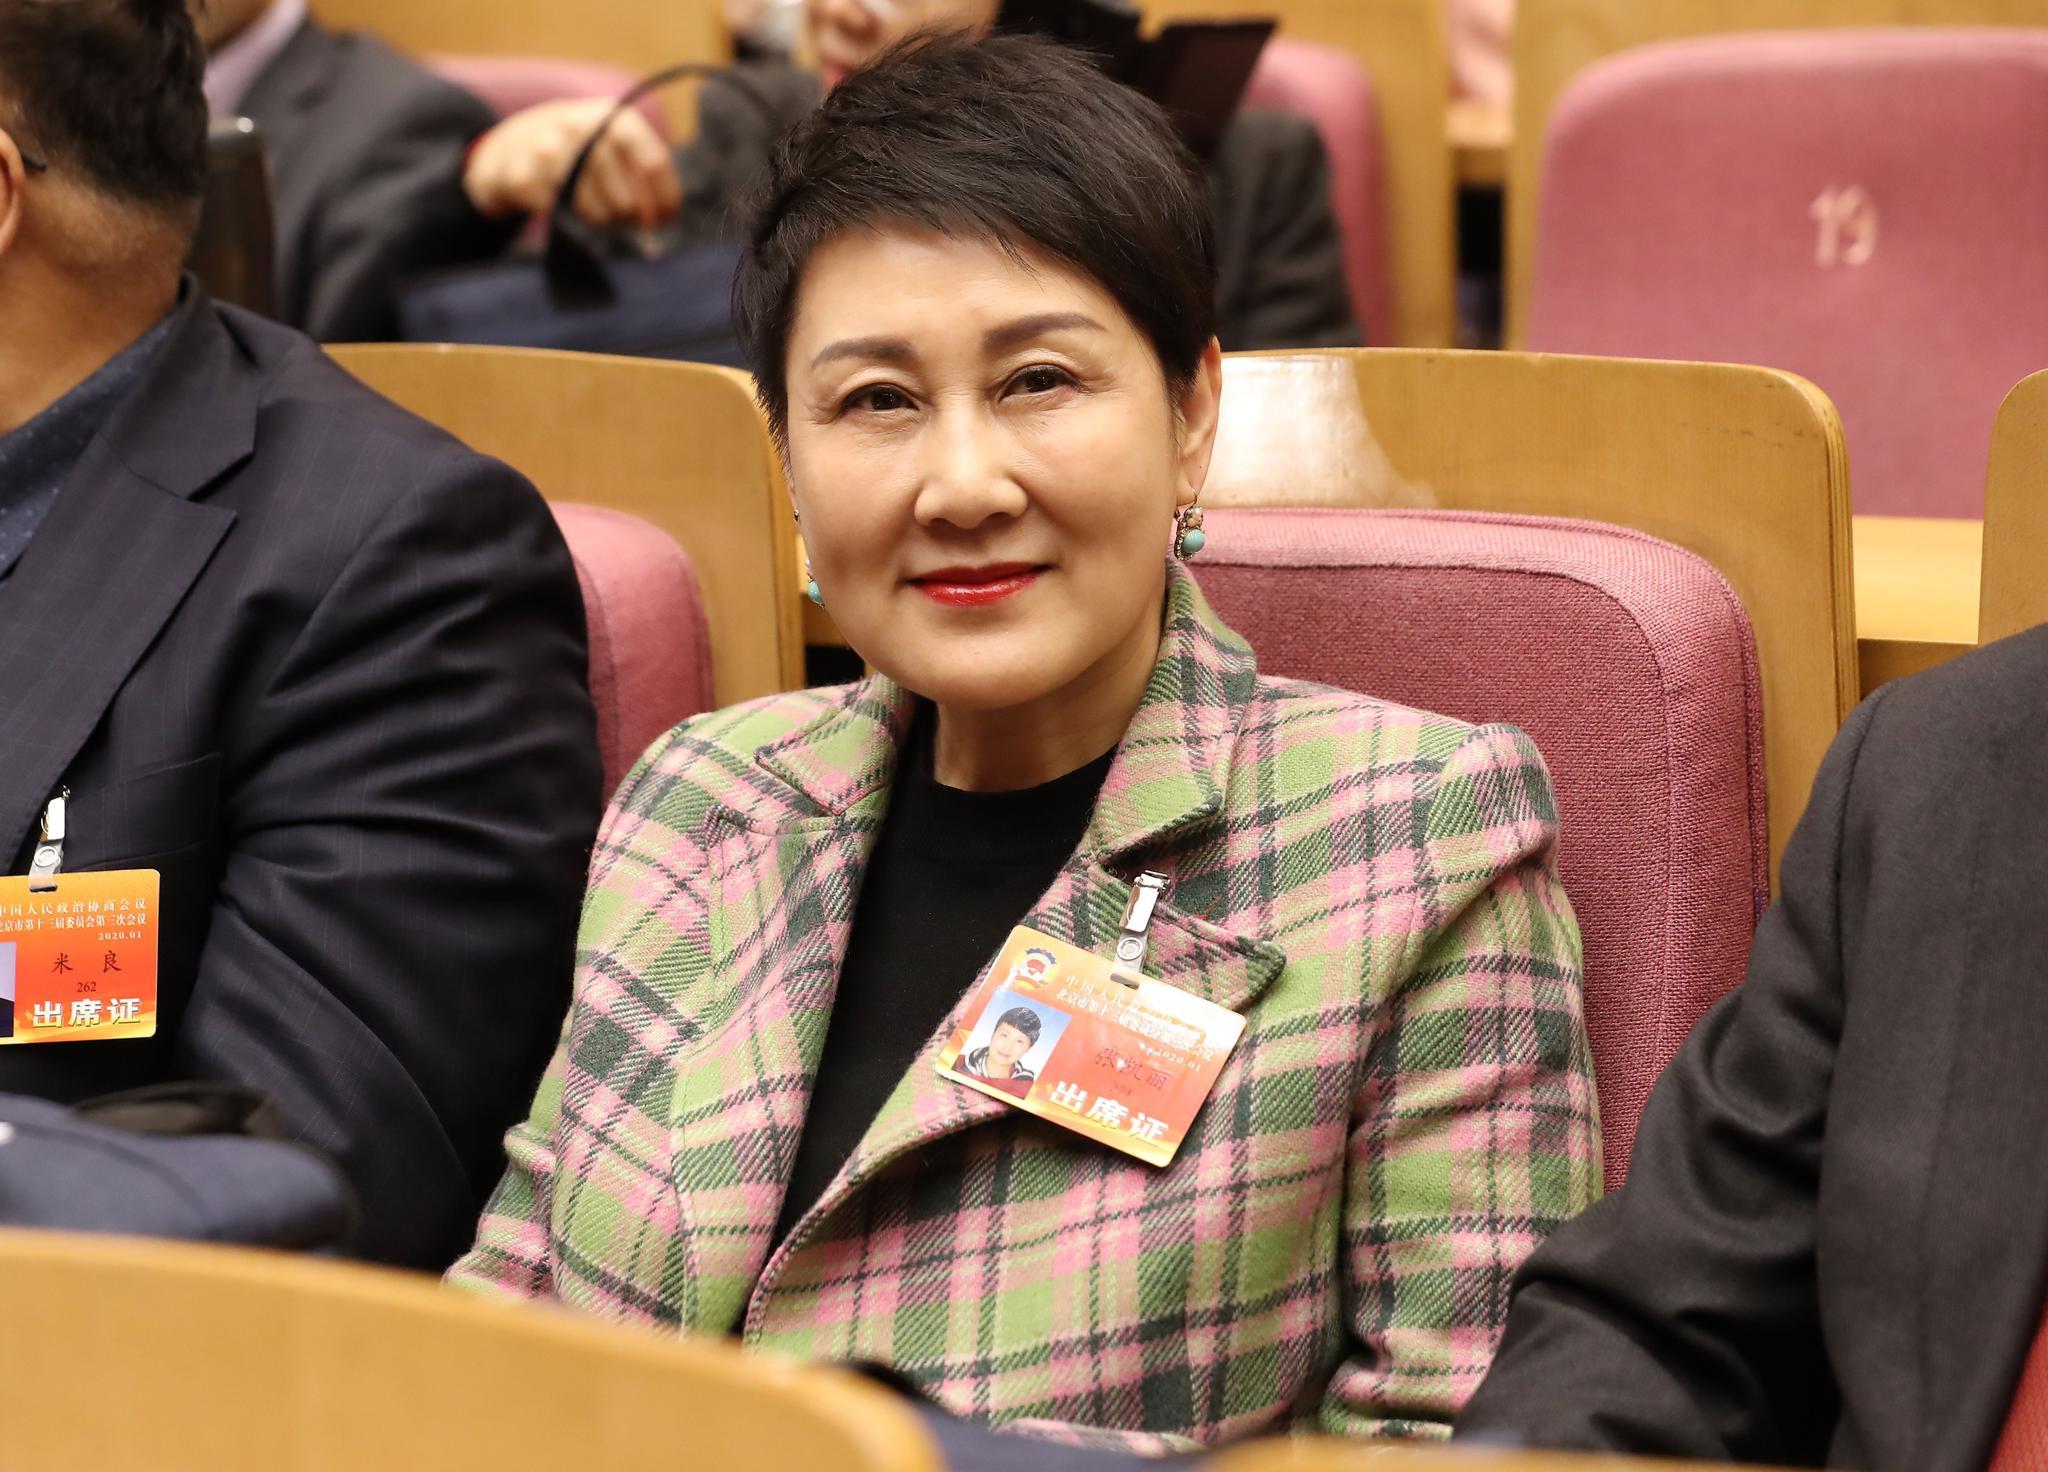 委员张凯丽:要保护尊重精品影视,不能恶搞图片